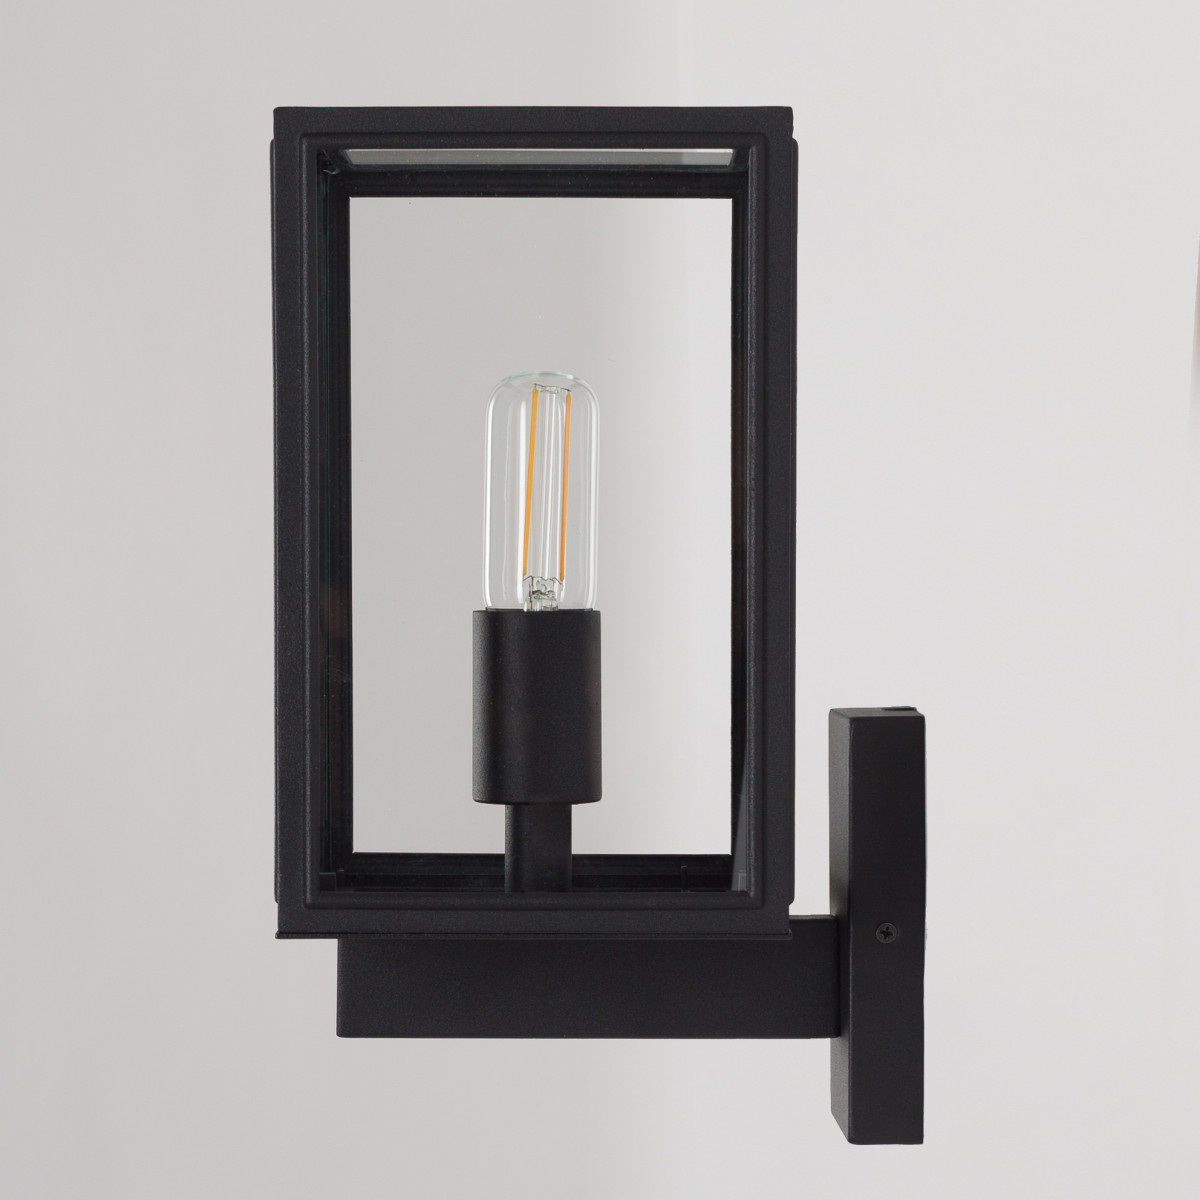 Außenwandleuchte Soho stehend - Edelstahl Schwarz - 7530D4 - Wandlampe